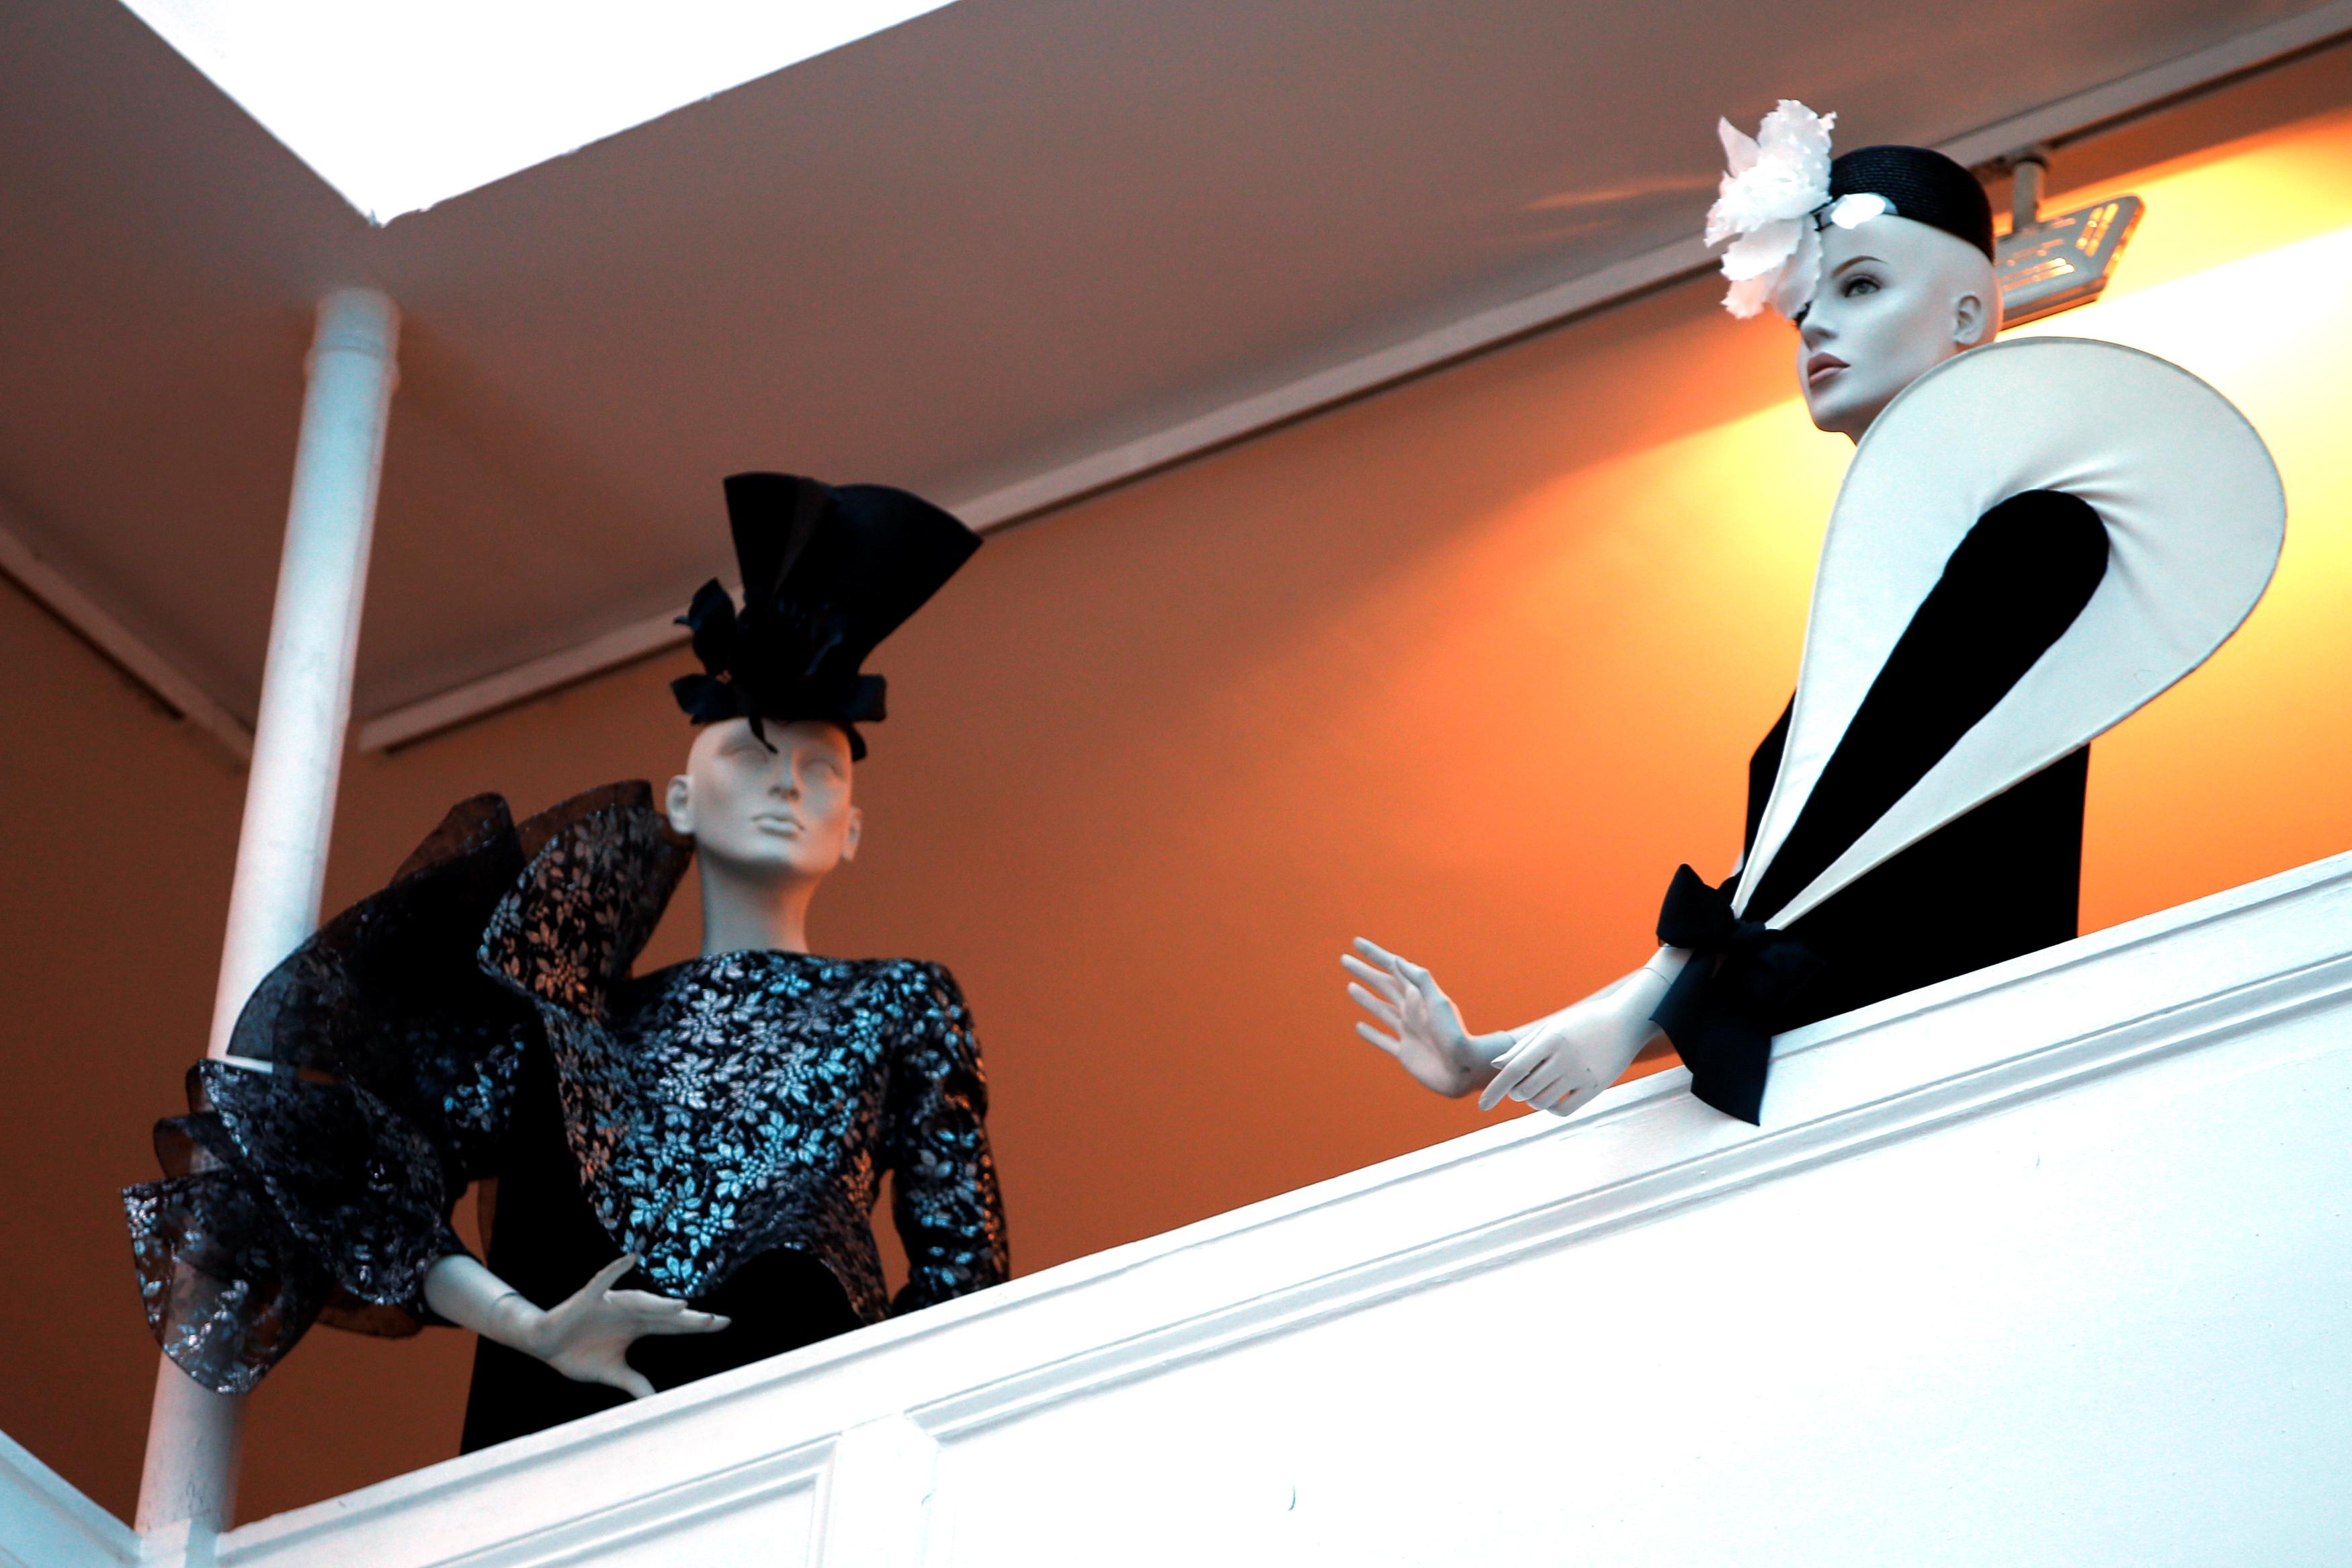 Con mucho talento para el diseño de moda, en 1945 Pierre Cardin llegó a París y empezó a trabajar para Paquin y luego para Elsa Schiaparelli. Ese mismo año conoció a Jean Cocteau y Christian Berard, con quienes diseñó máscaras y vestuario para su película